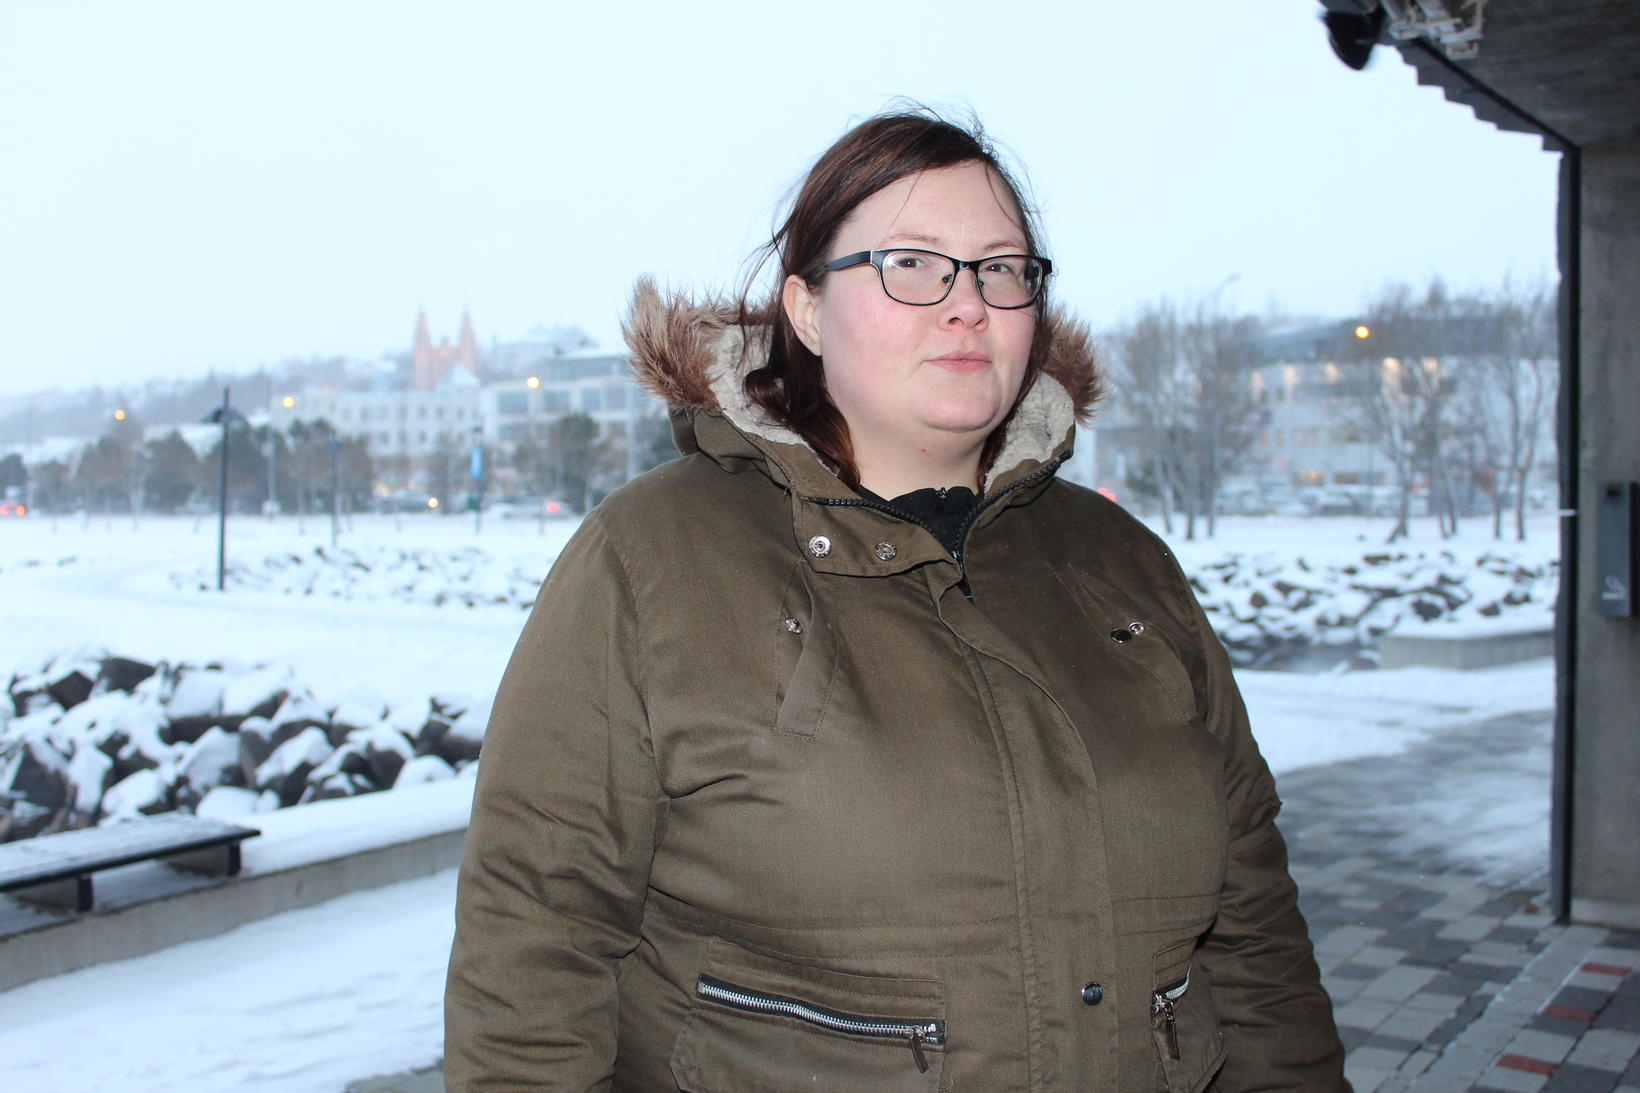 Hólmfríður Helga leggur áherslu á að vinna í andlega þættinum.